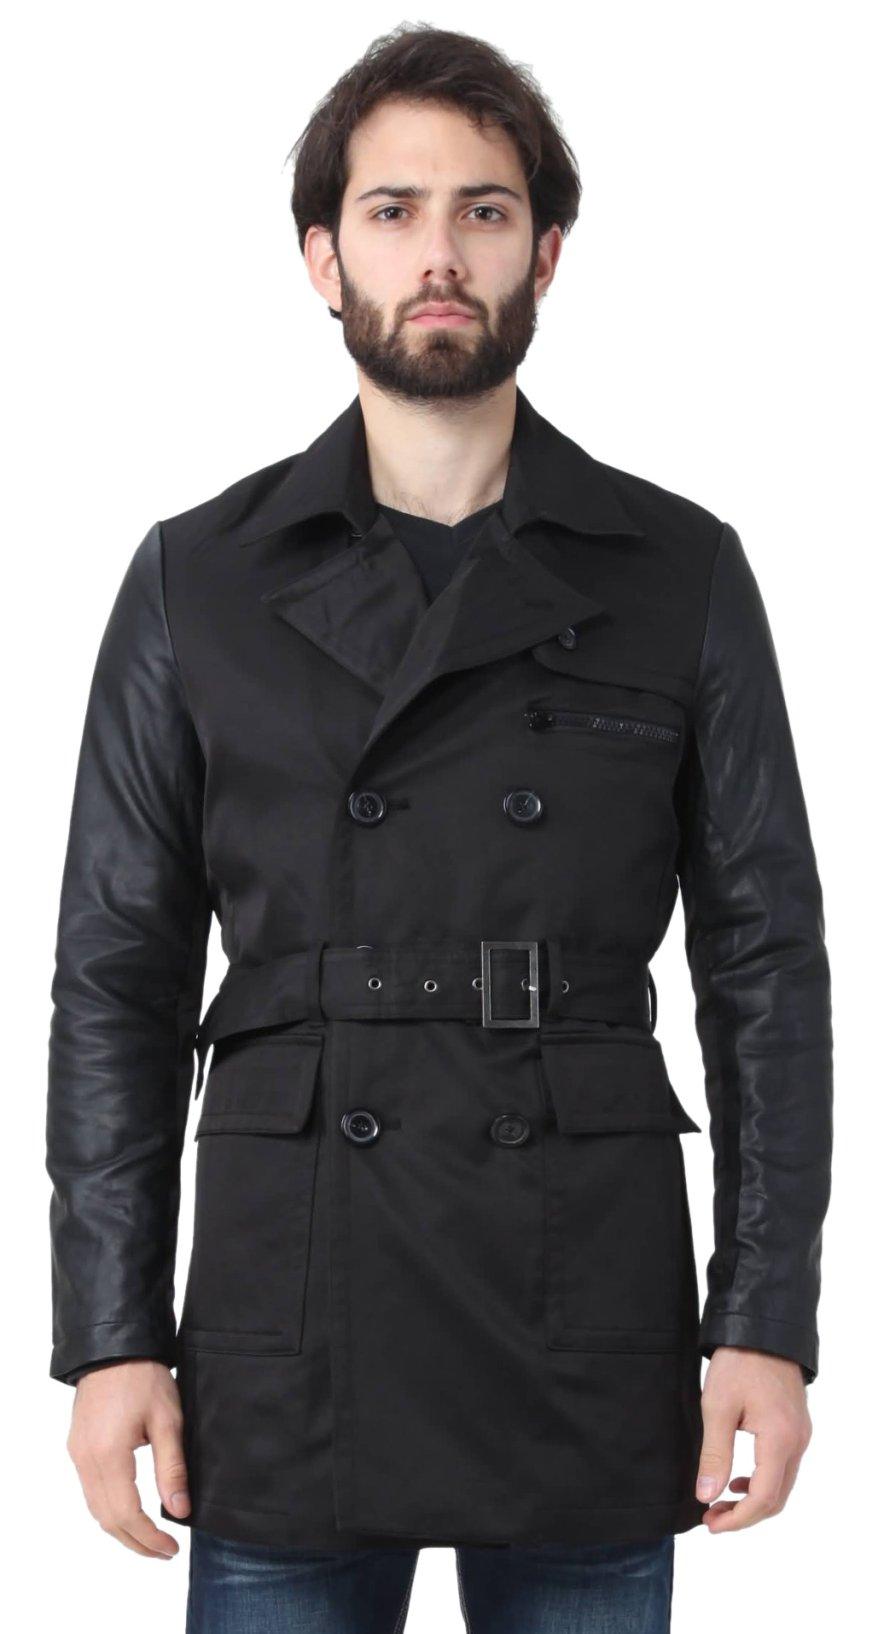 Populaire préféré Trench homme, c'est mon vêtement préféré car il est intemporel et &AQ_39